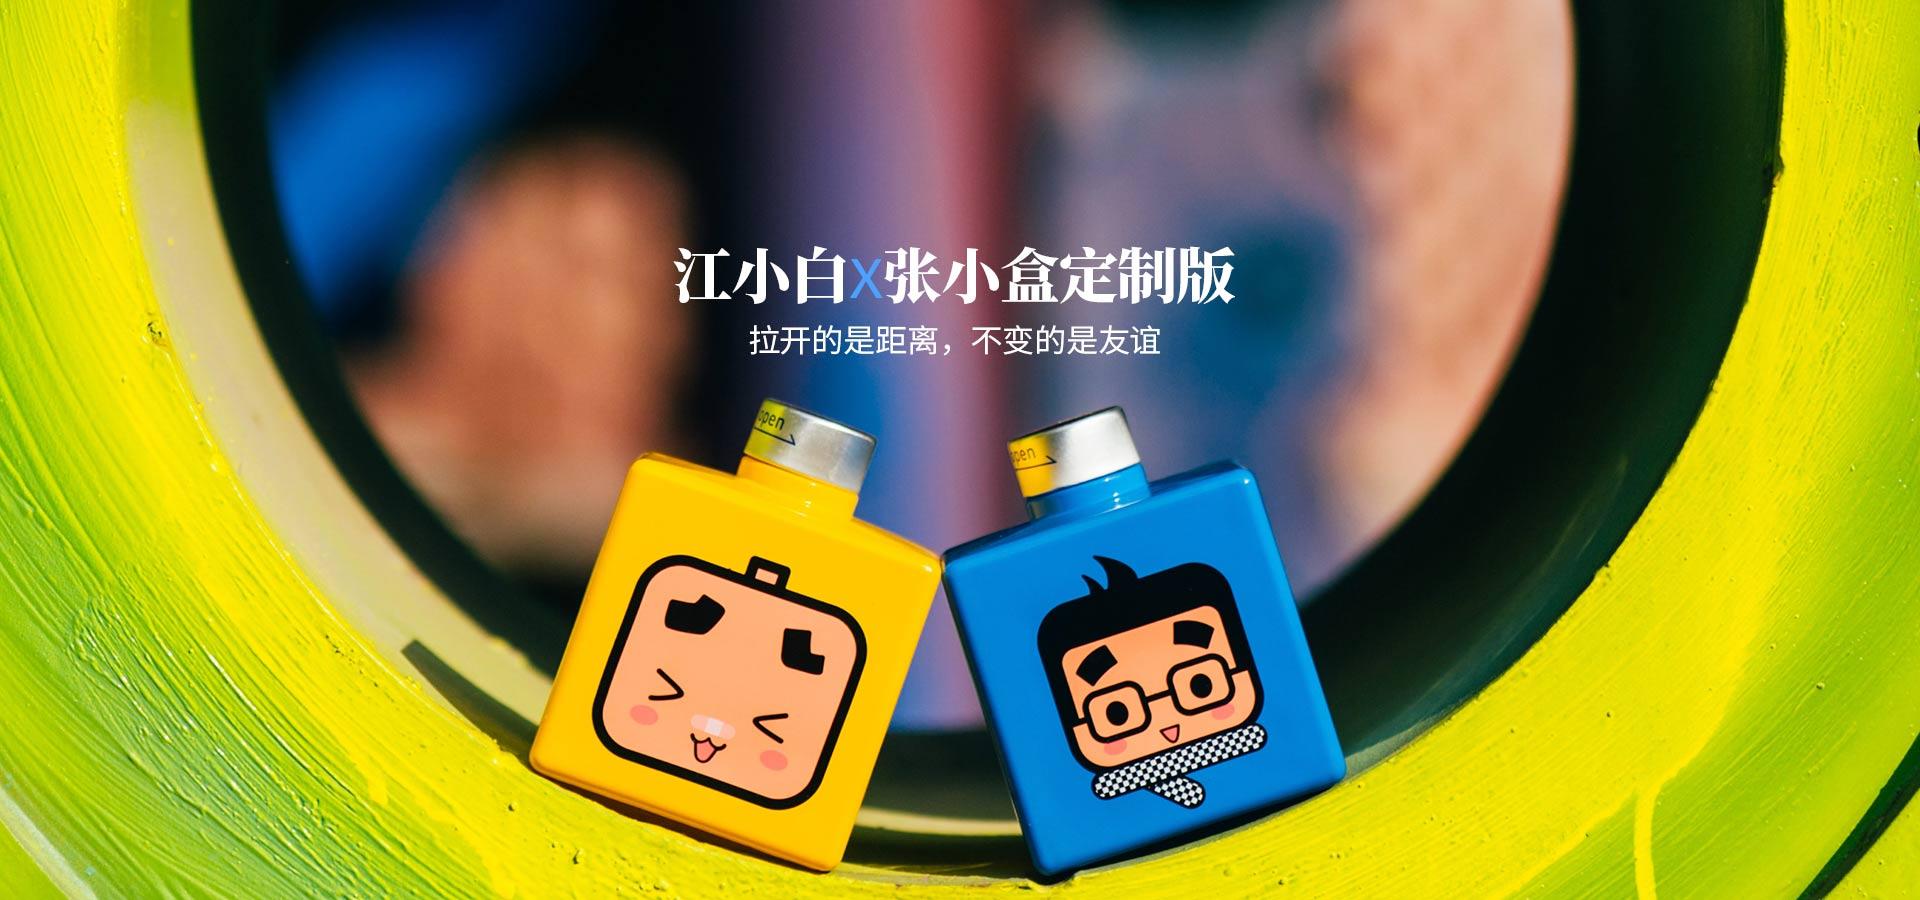 江小白X张小盒定制版